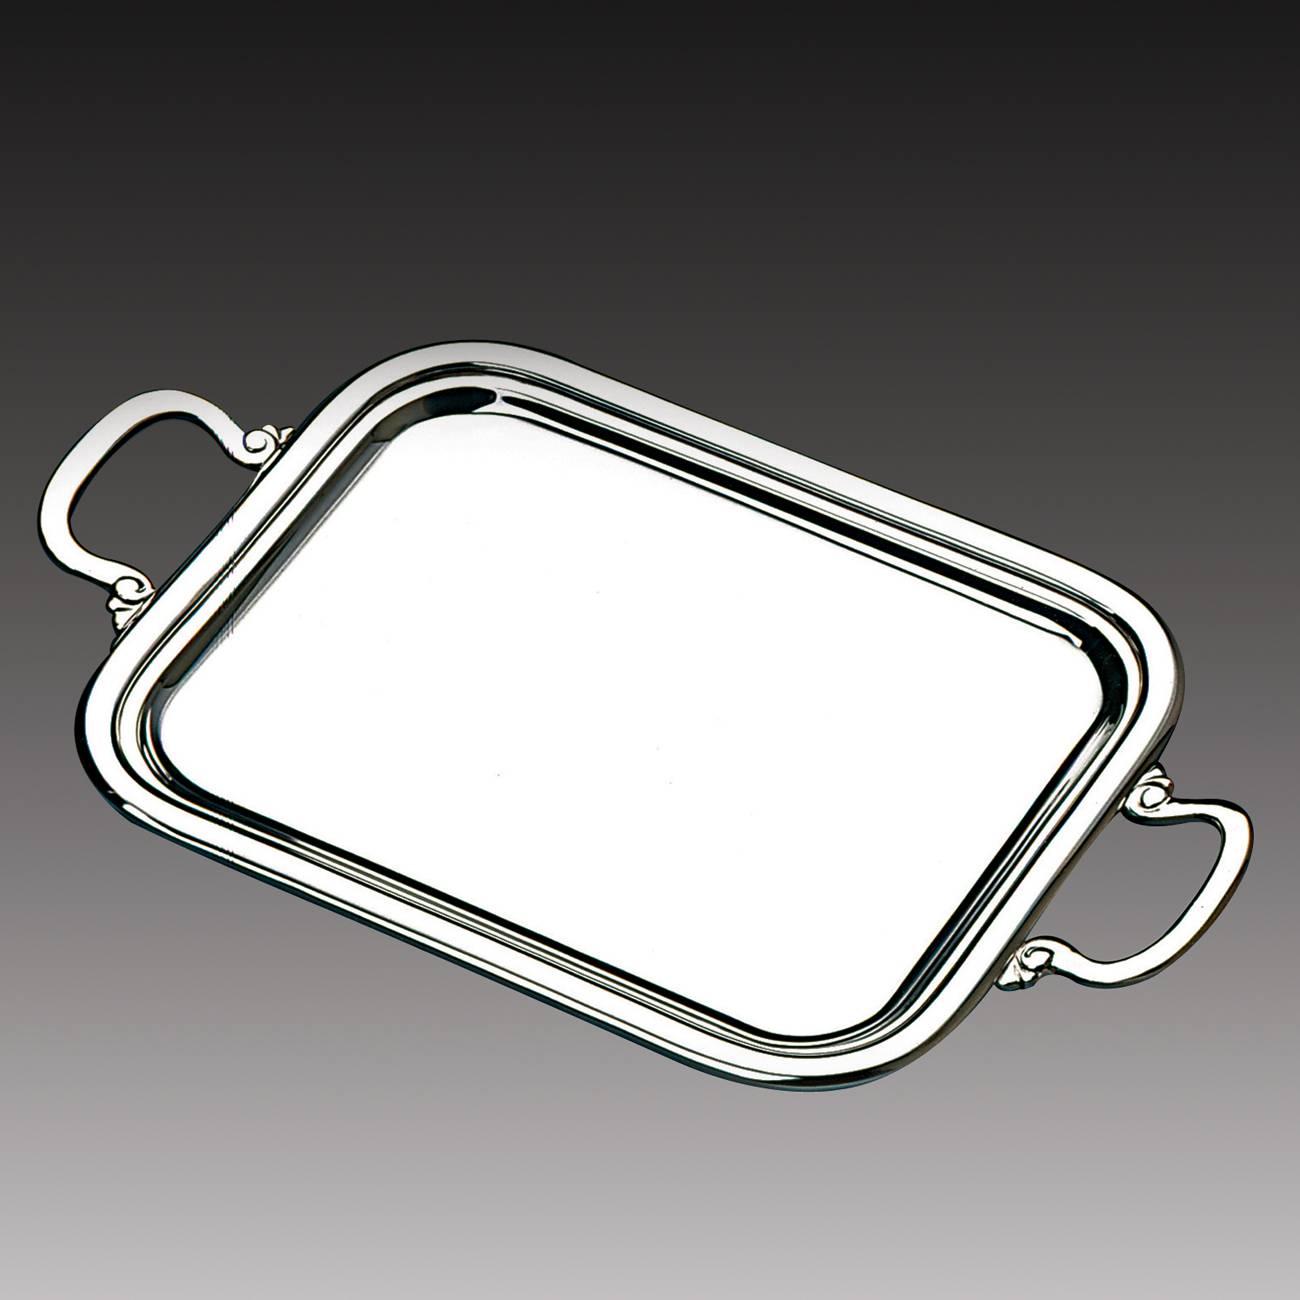 Bandeja Cordão Liso - com Alça - em Prata - Wolff - 26x20 cm